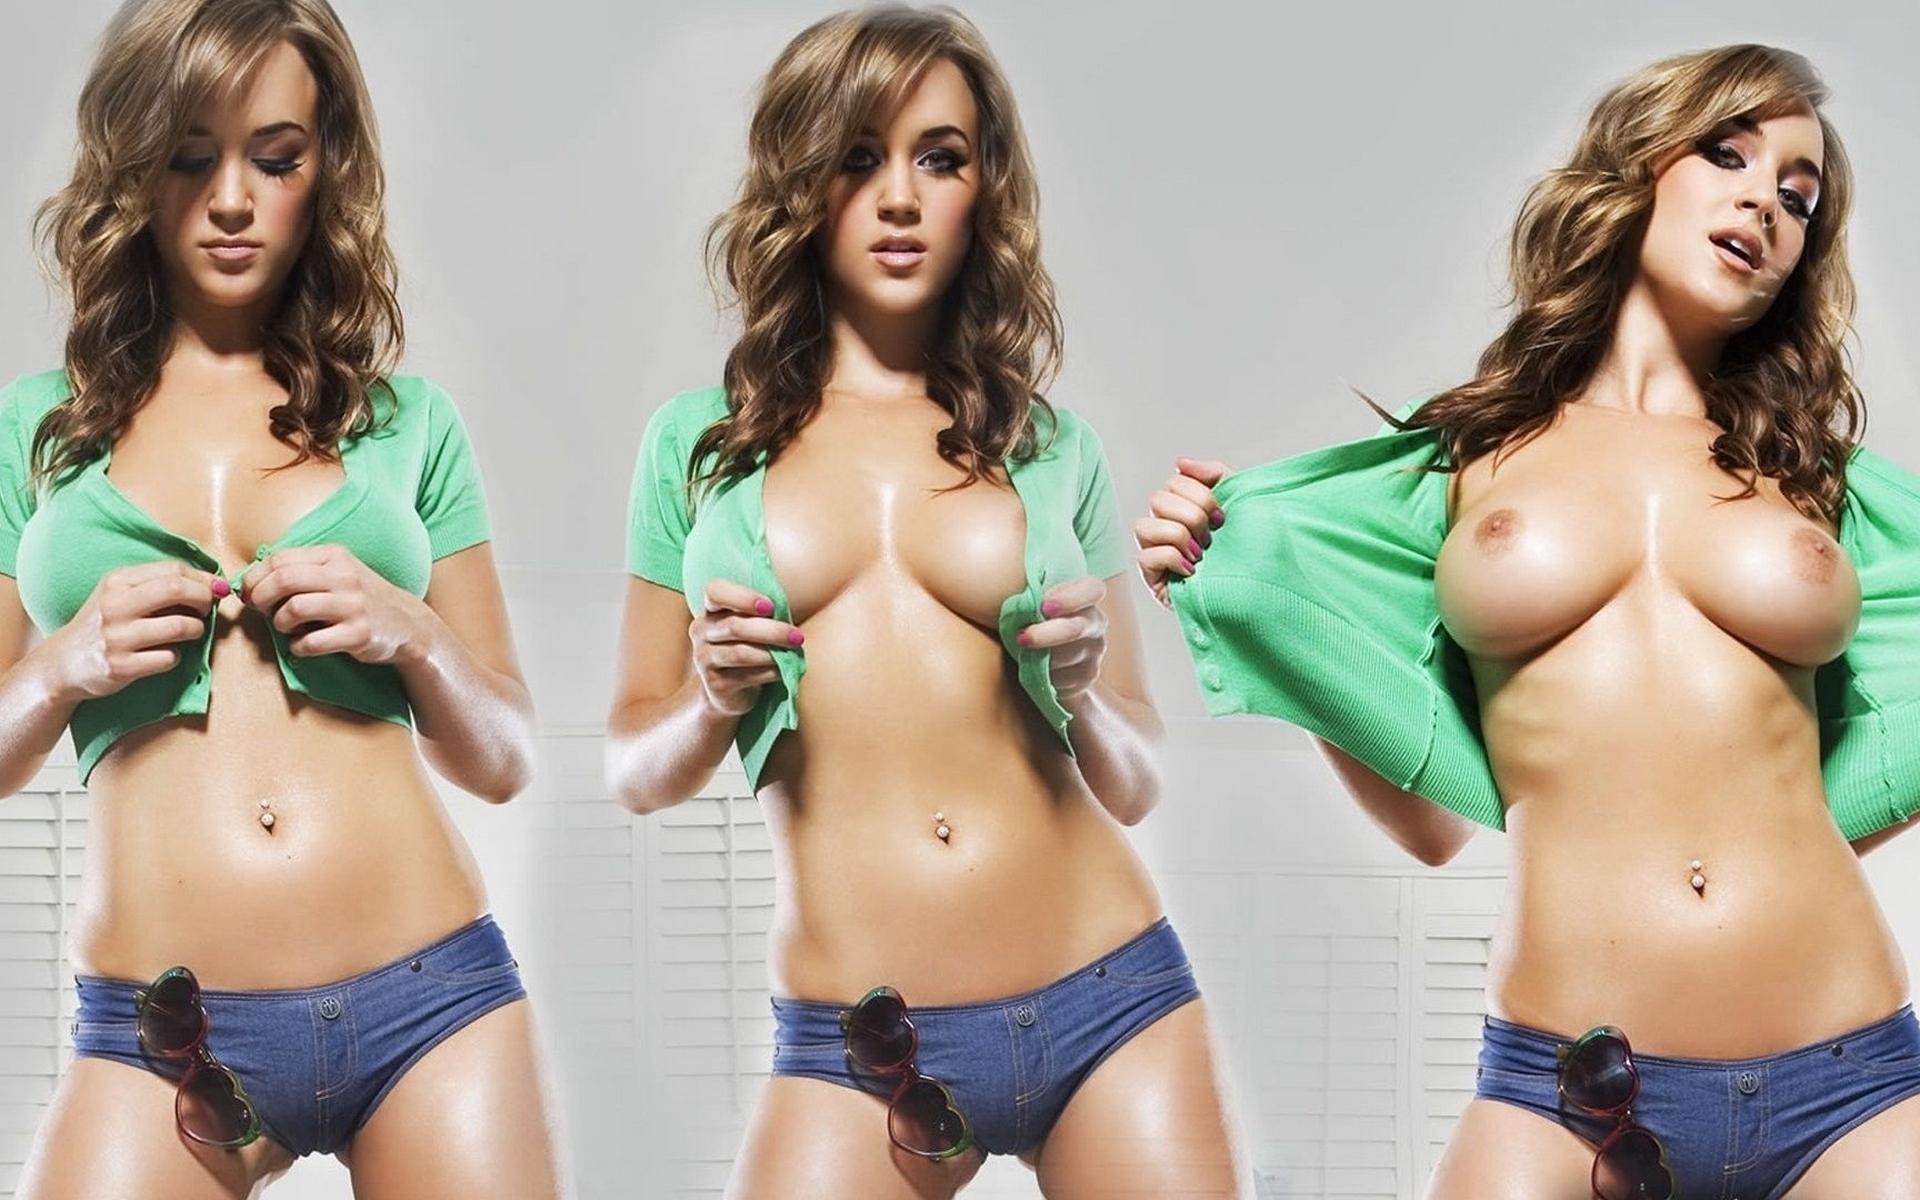 Стриптиз девушек онлайн в хорошем качестве 12 фотография